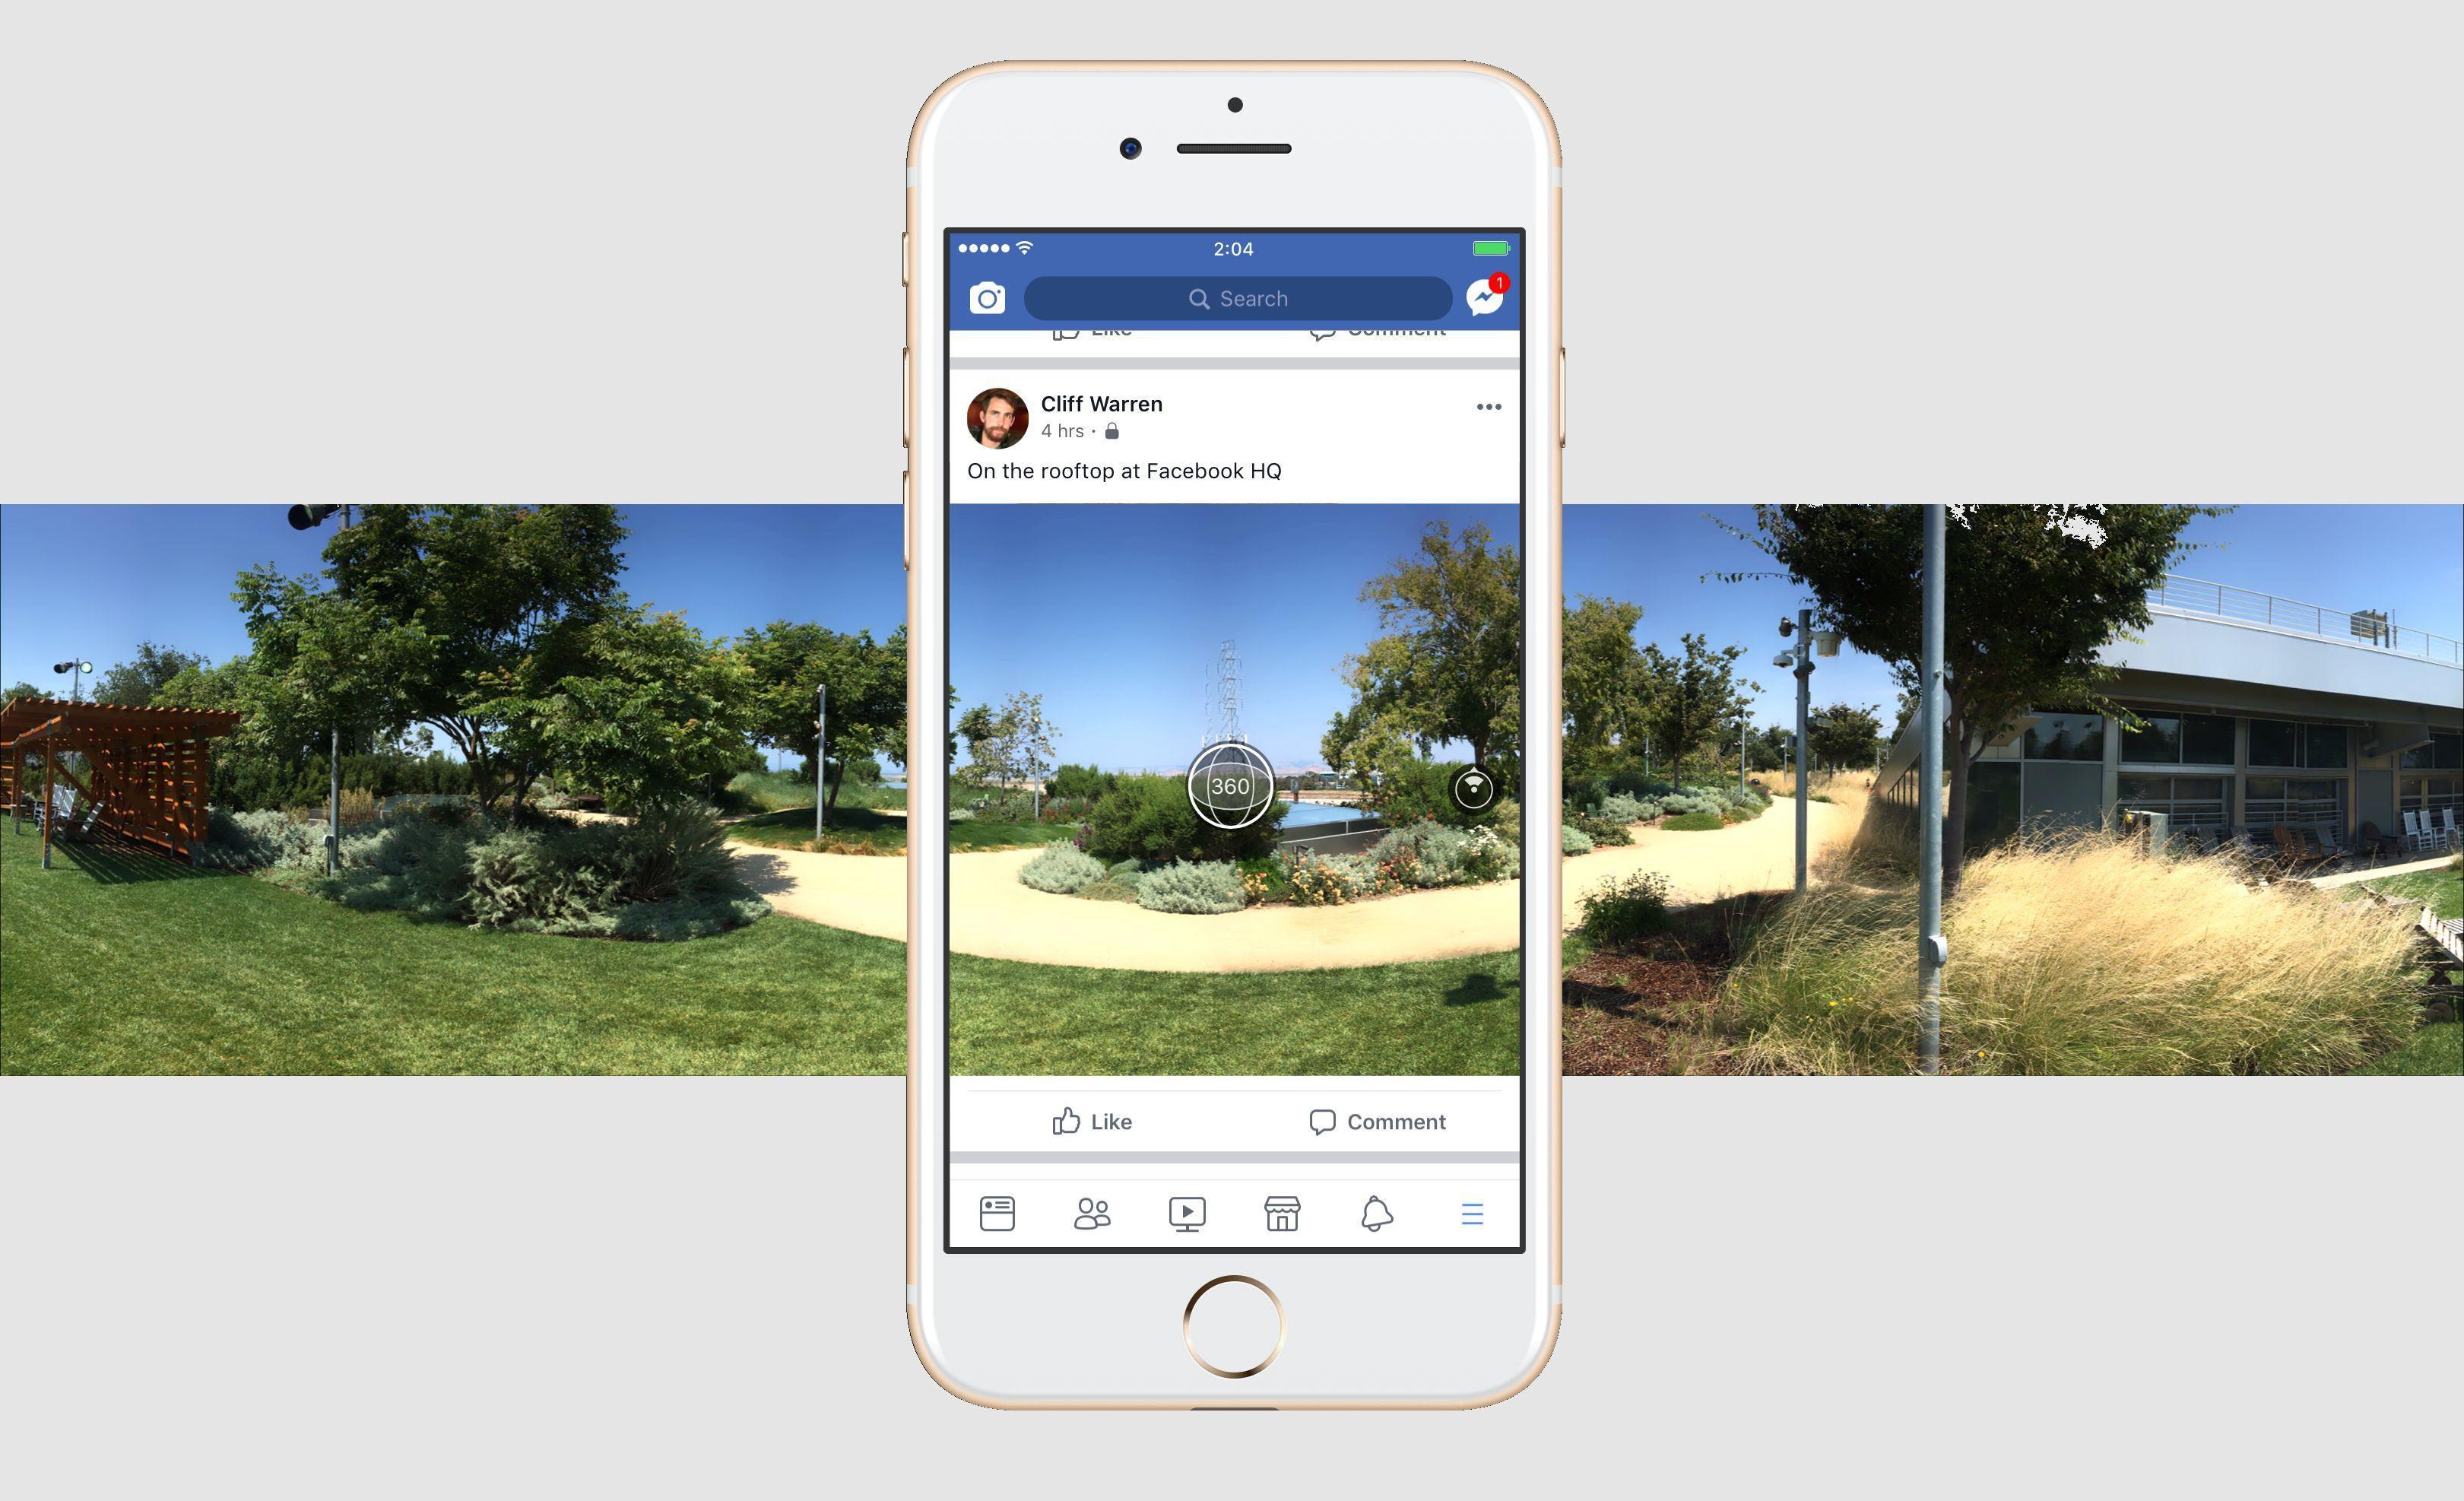 aplicación-de-facebook-360-captura